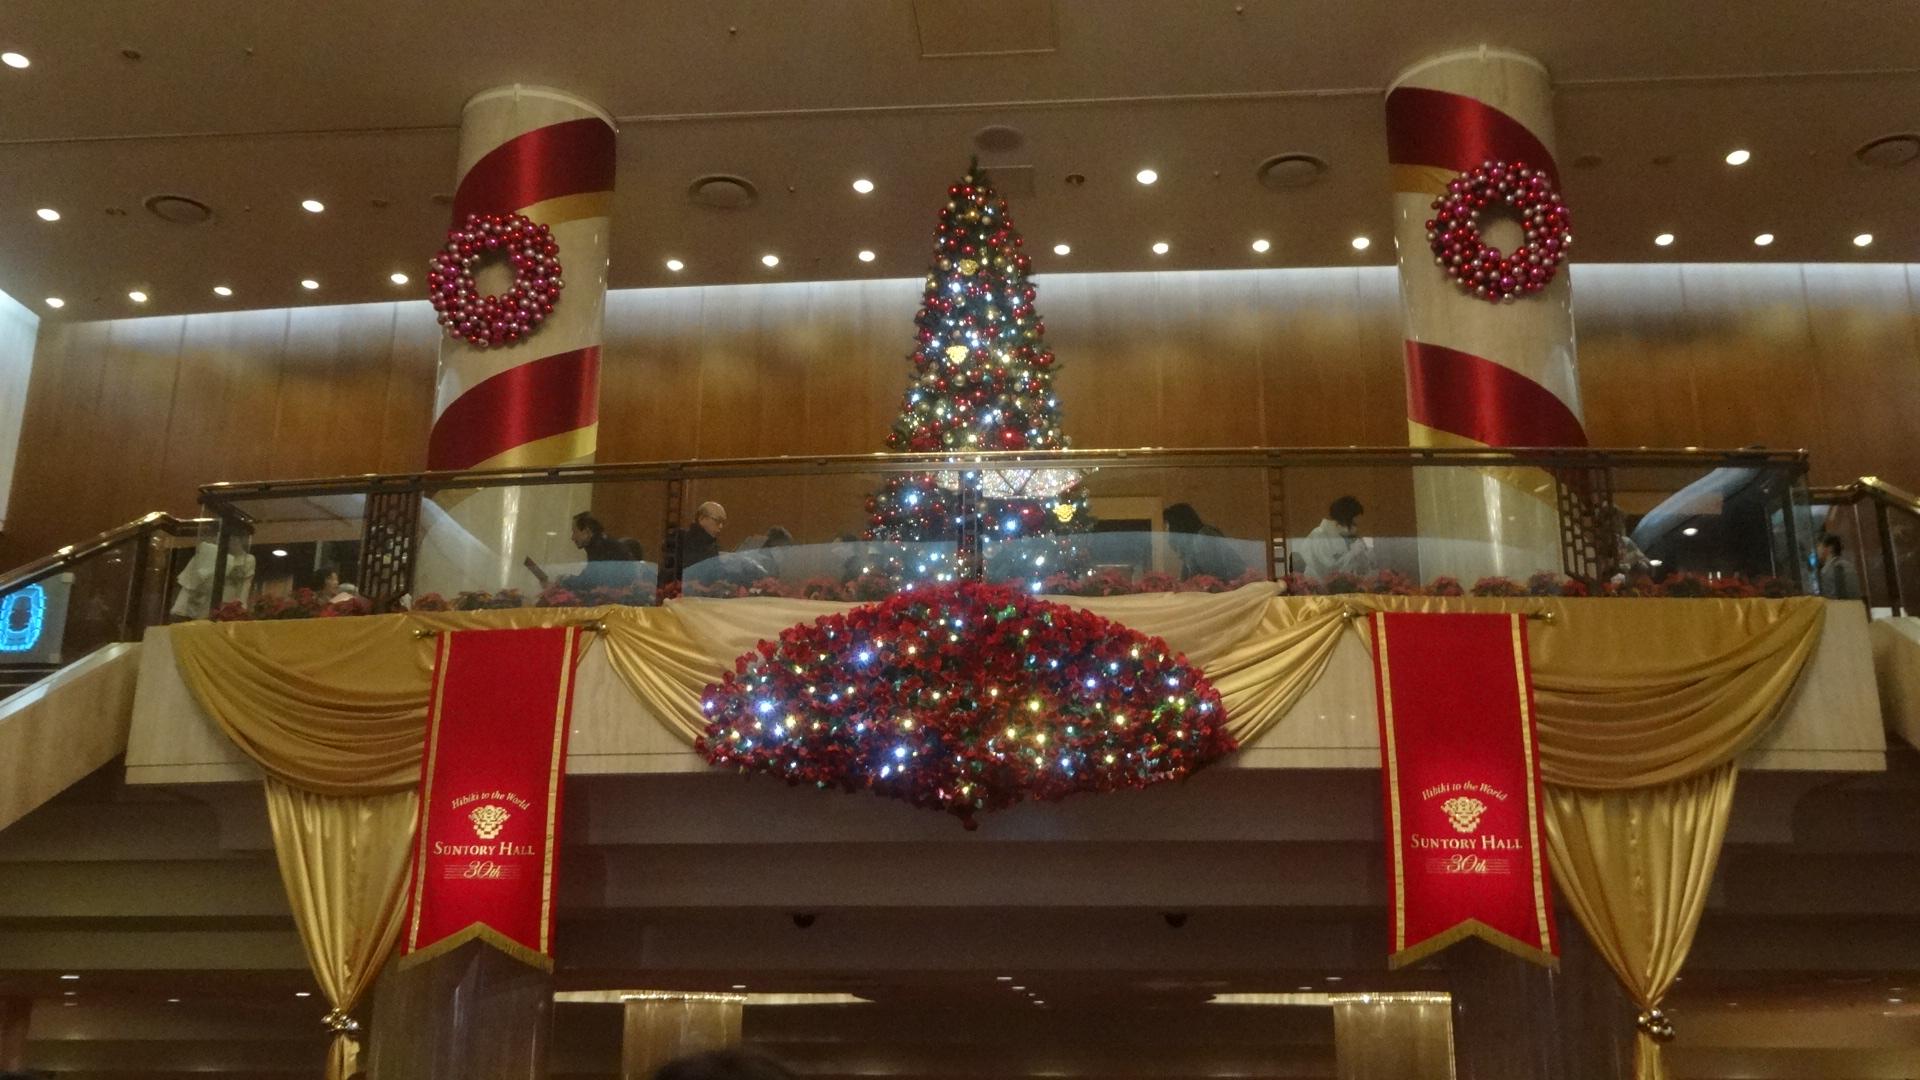 サントリーホールのクリスマス・デコレーション